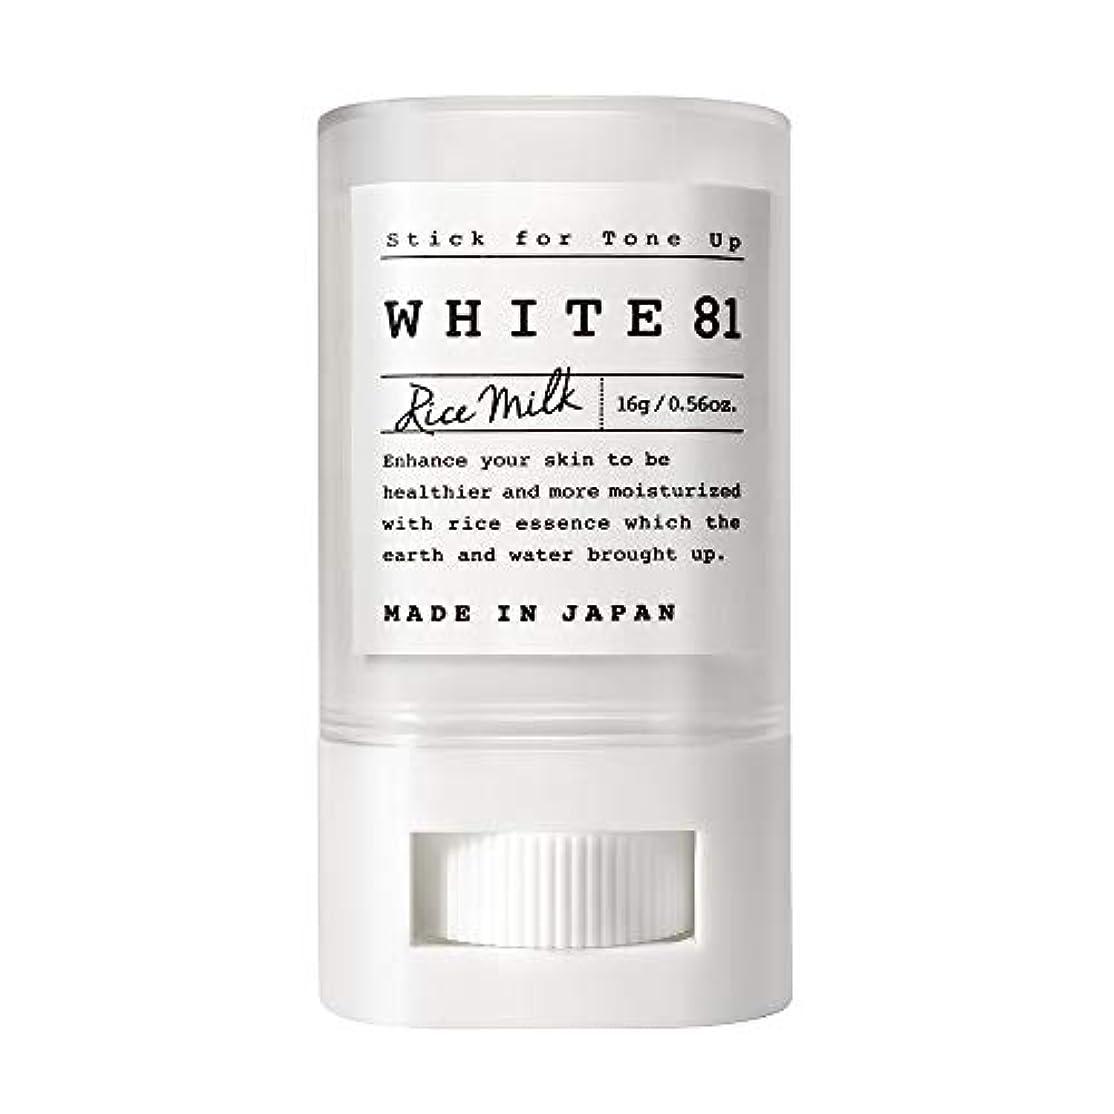 コントローラビタミン機械的にWHITE81 ホワイト81 トーンアップスティック(化粧下地?日焼け止め / SPF35?PA+++?ウォータープルーフ?複合保湿成分配合?肌に優しい6種のフリー / 日本製)